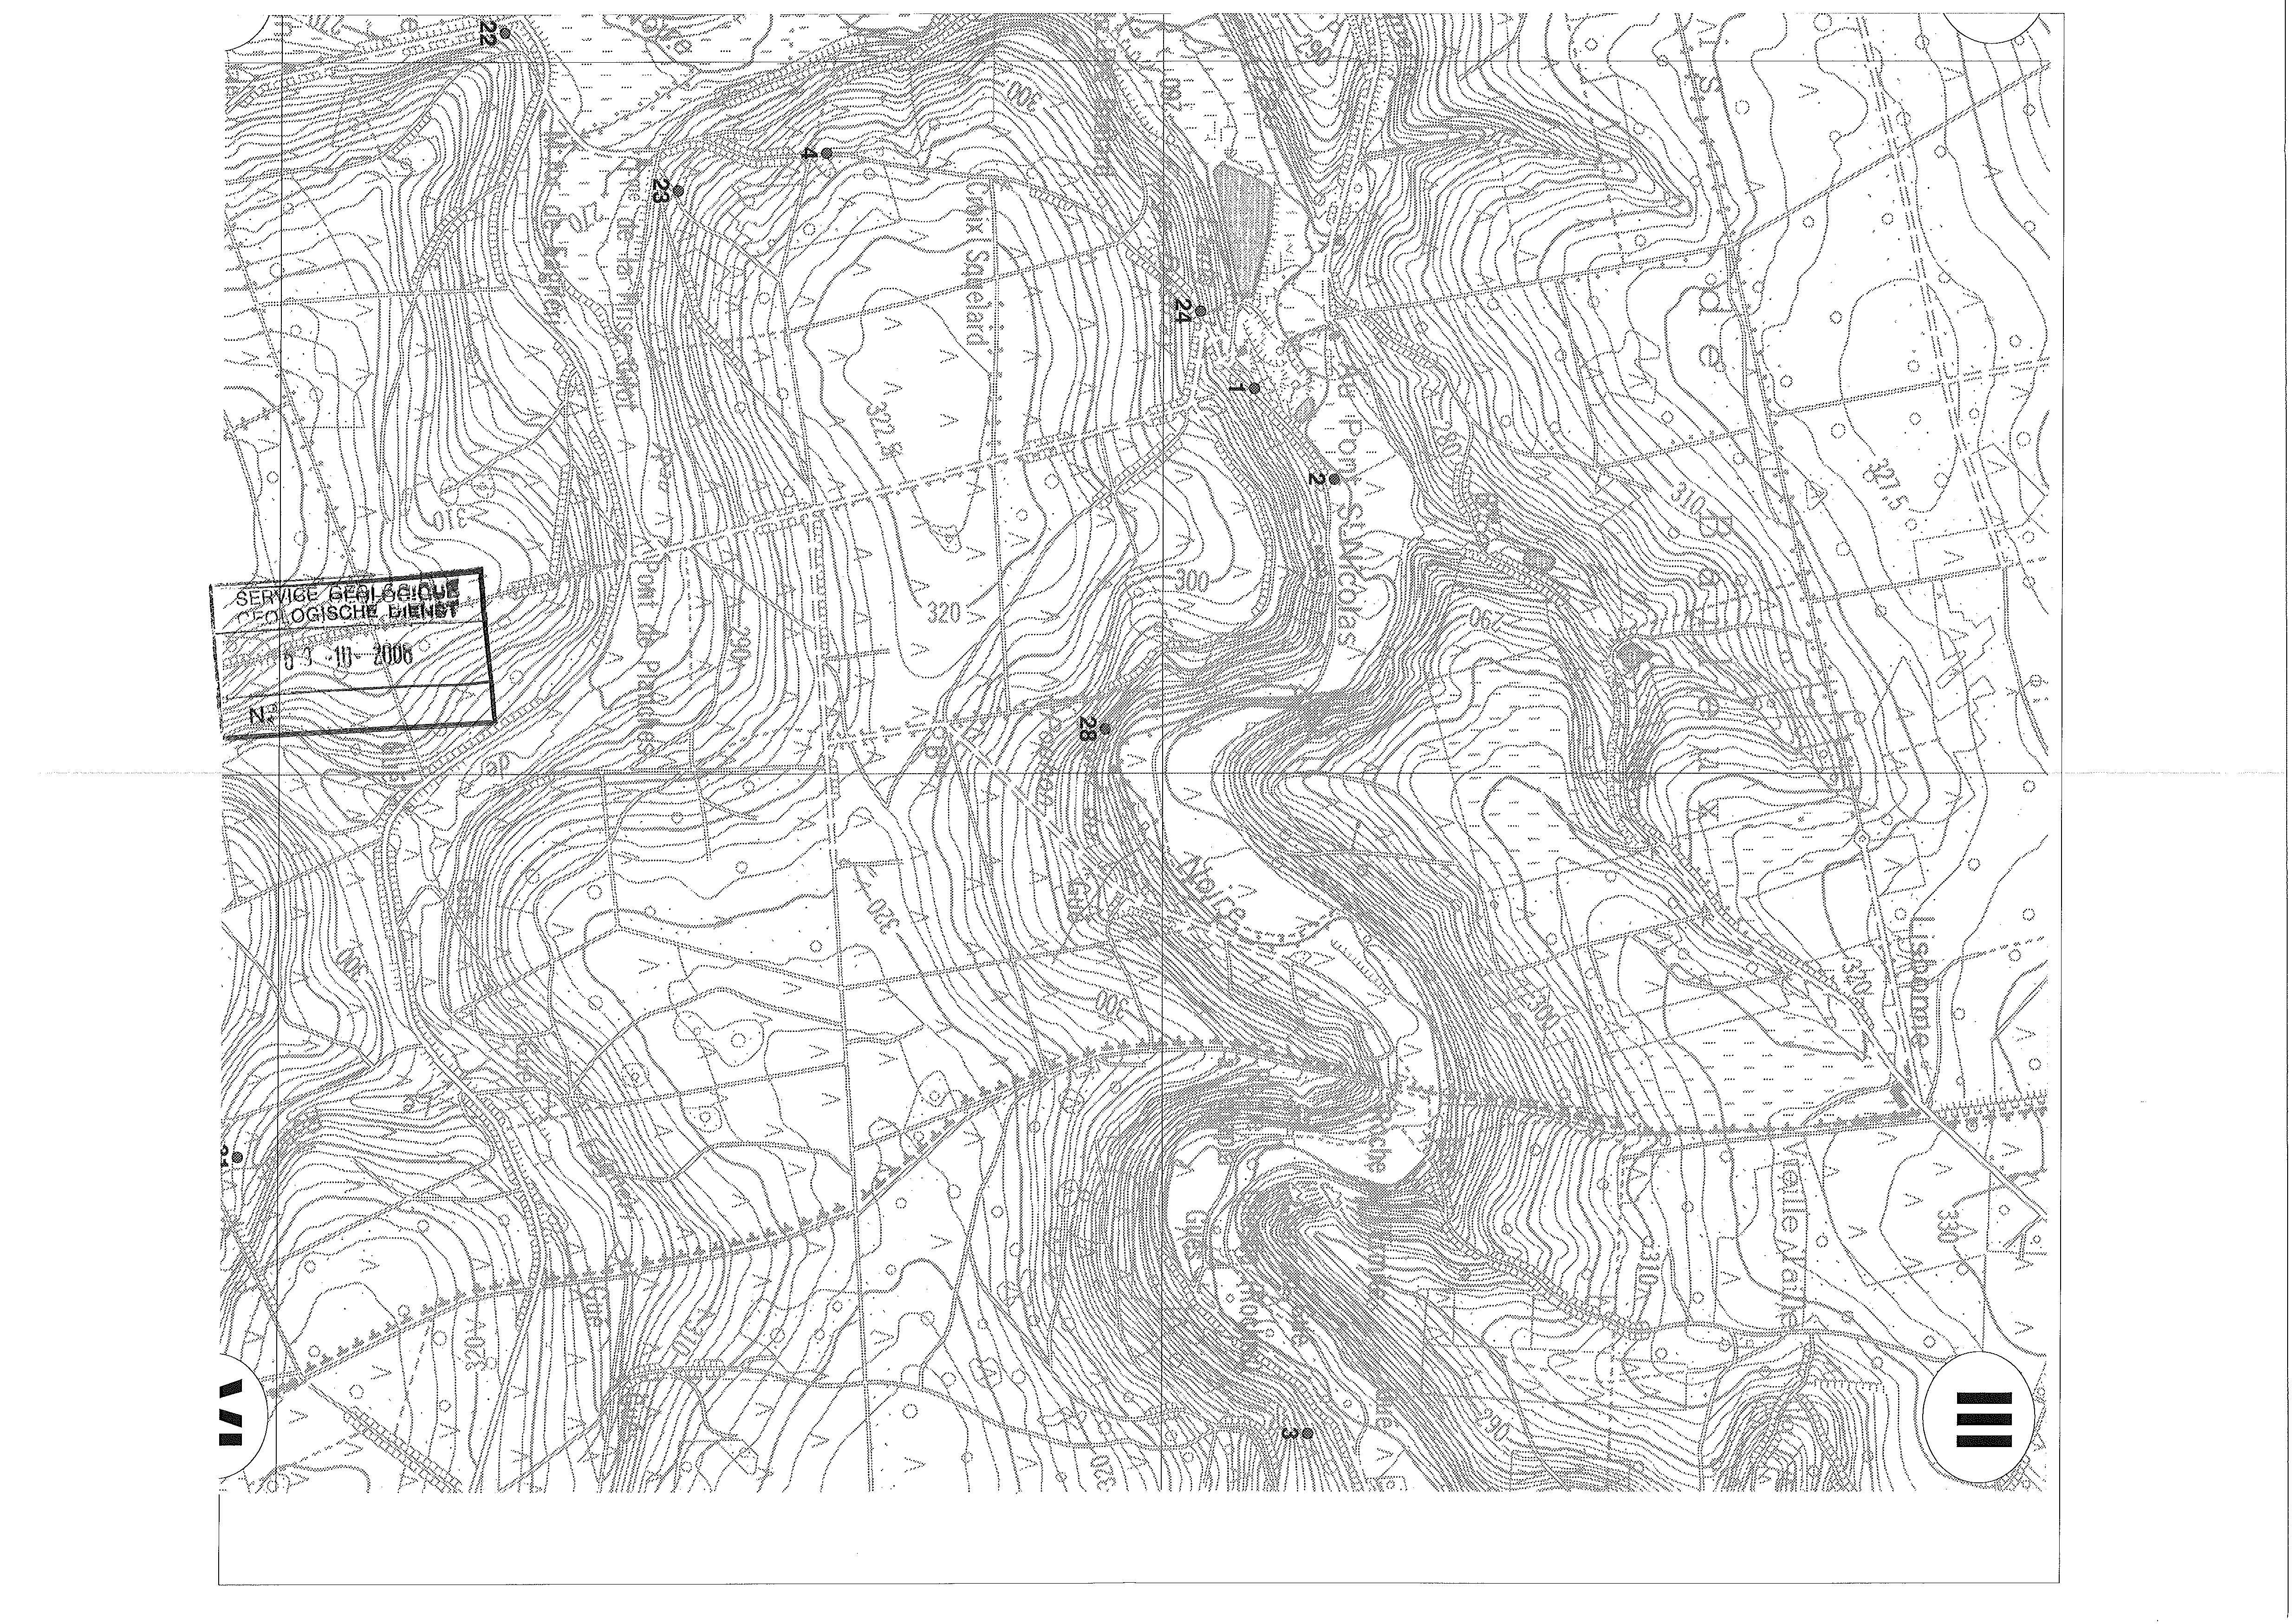 199W_Riezes_Page_3_Image_0001.jpg